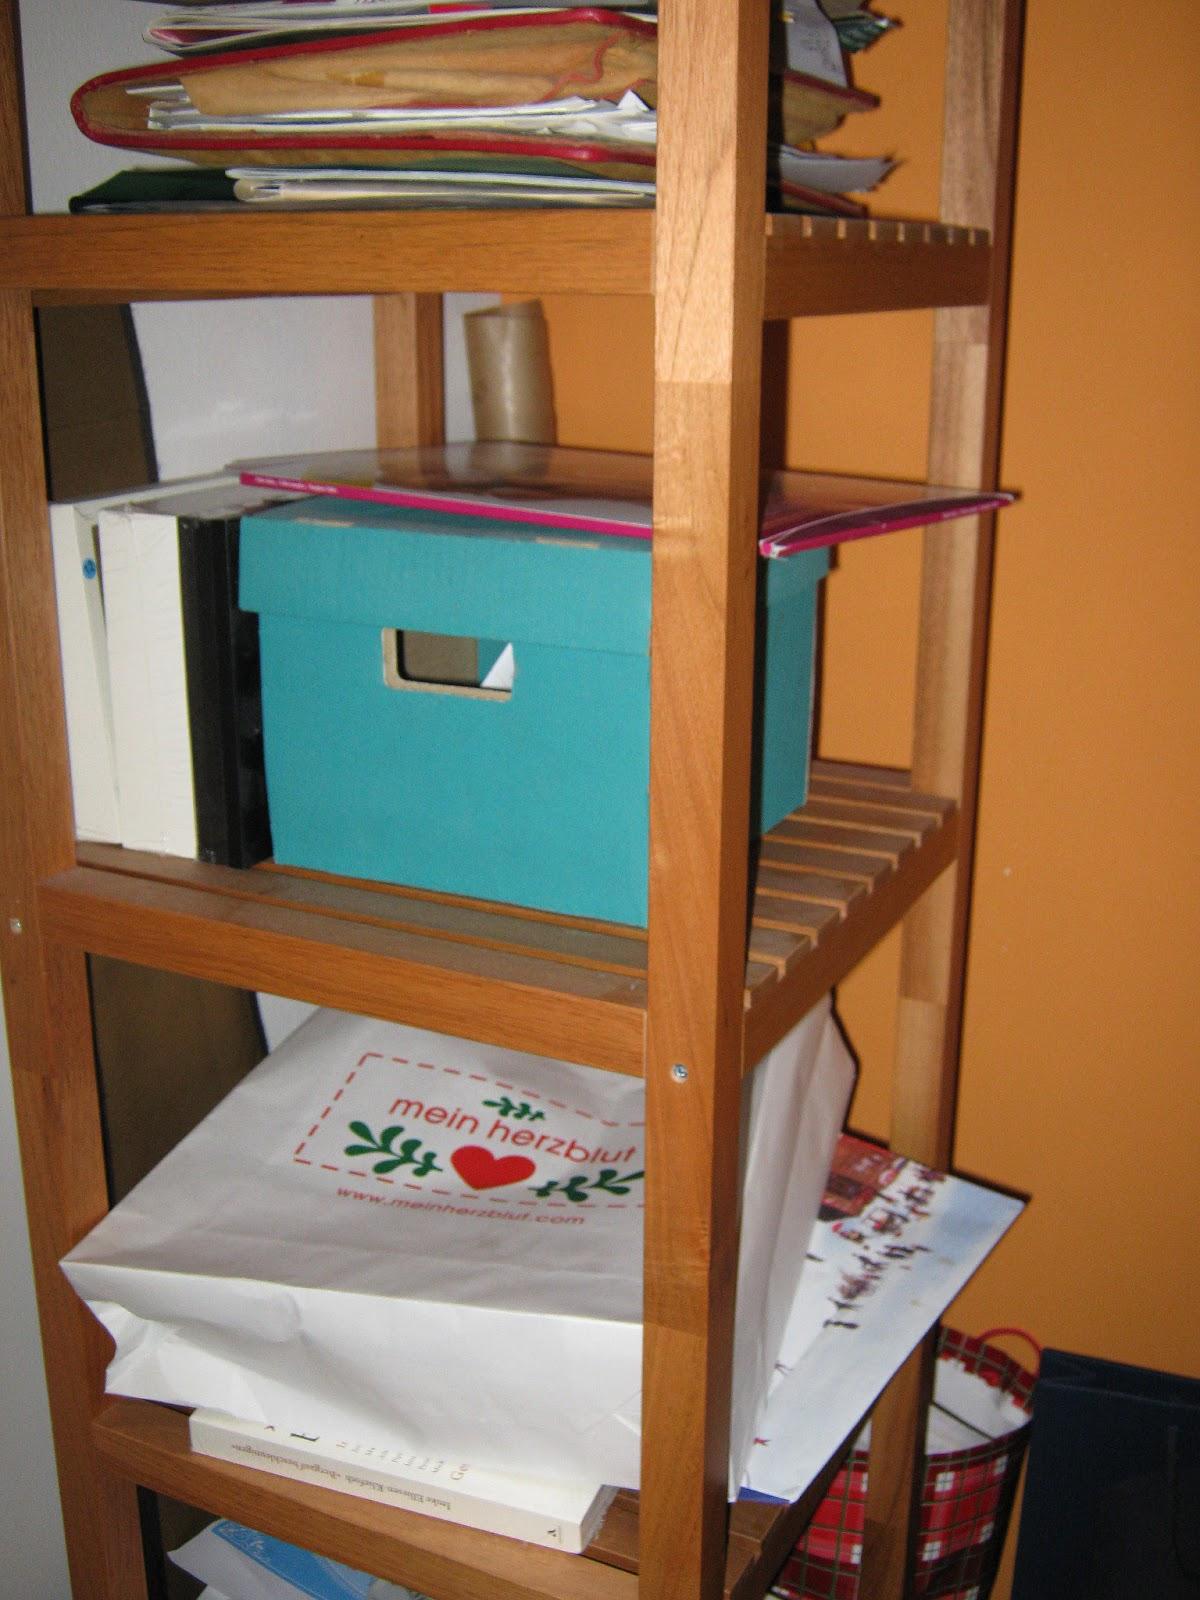 allesmitliebe tim m lzers greenbox und frage foto freitag. Black Bedroom Furniture Sets. Home Design Ideas